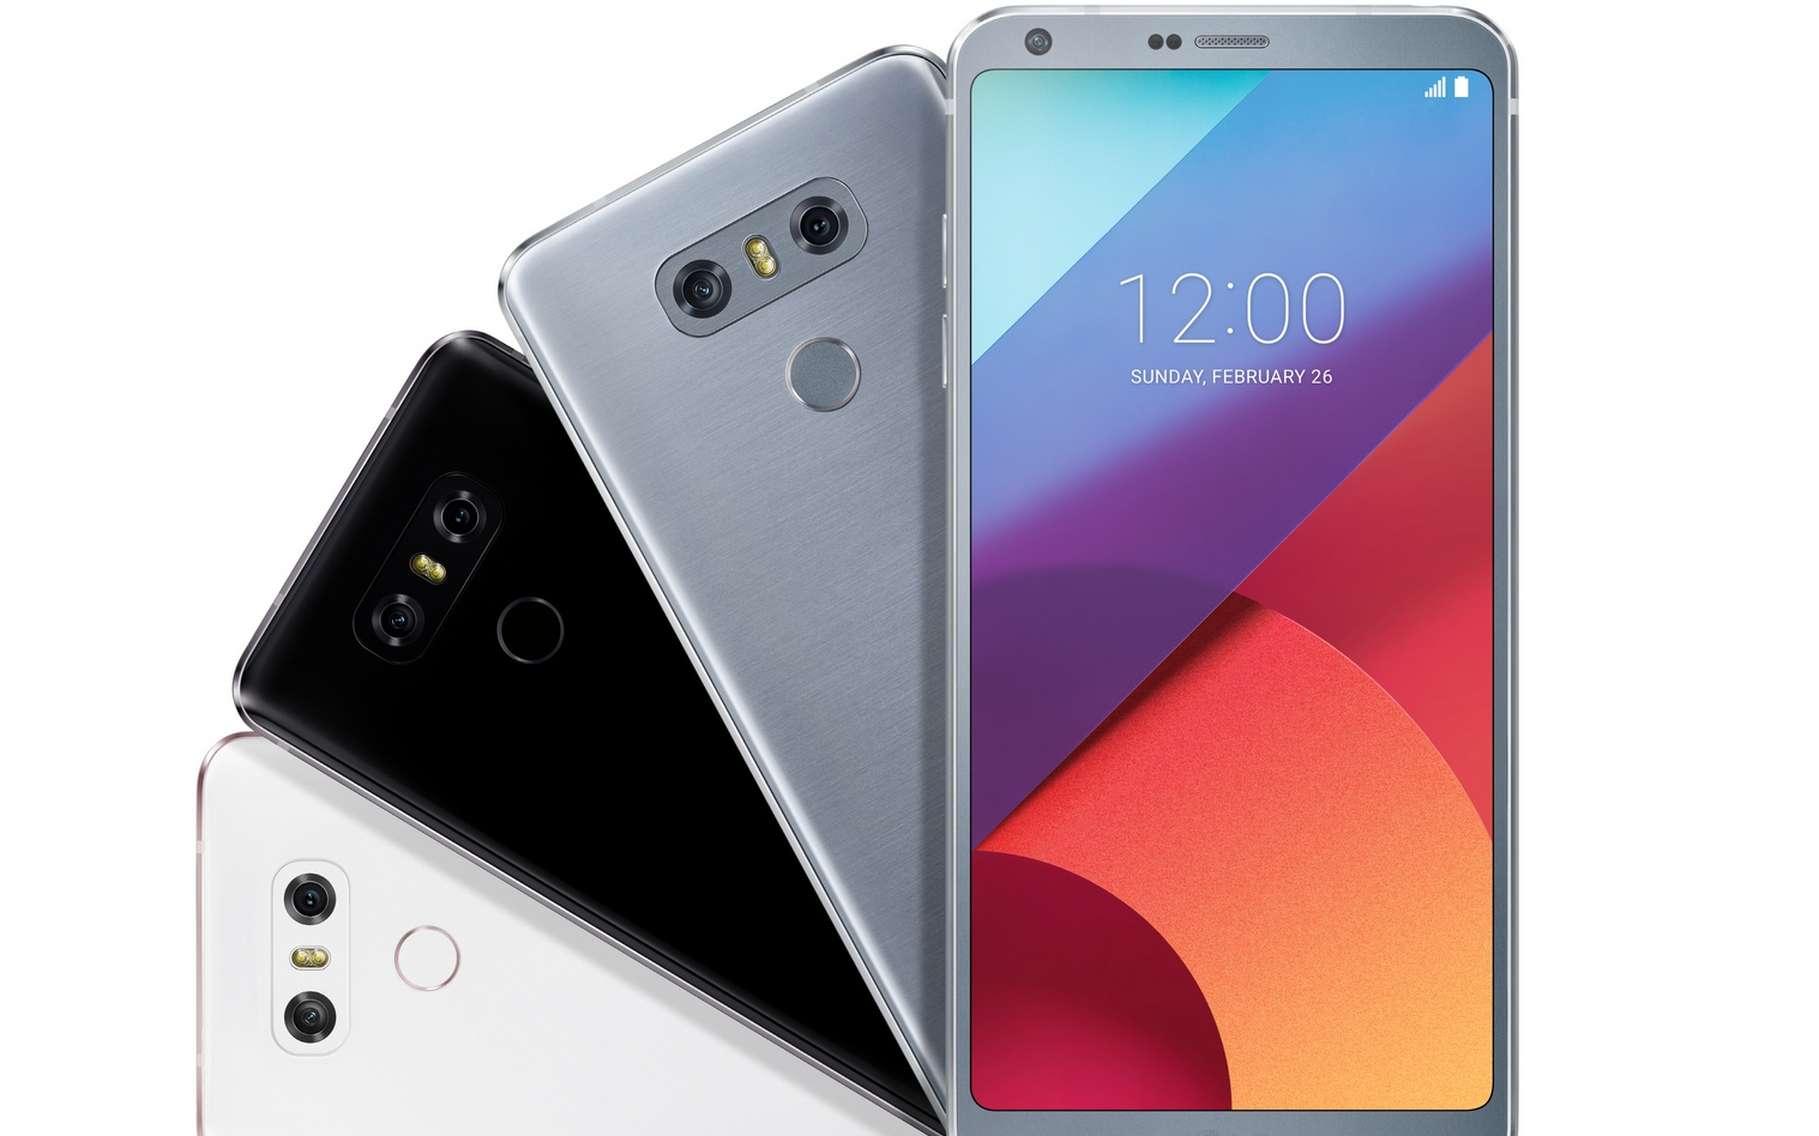 Les principaux concurrents de Samsung ont profité de son absence pour focaliser l'attention médiatique sur leurs nouveaux smartphones. Ici le LG G6. © LG